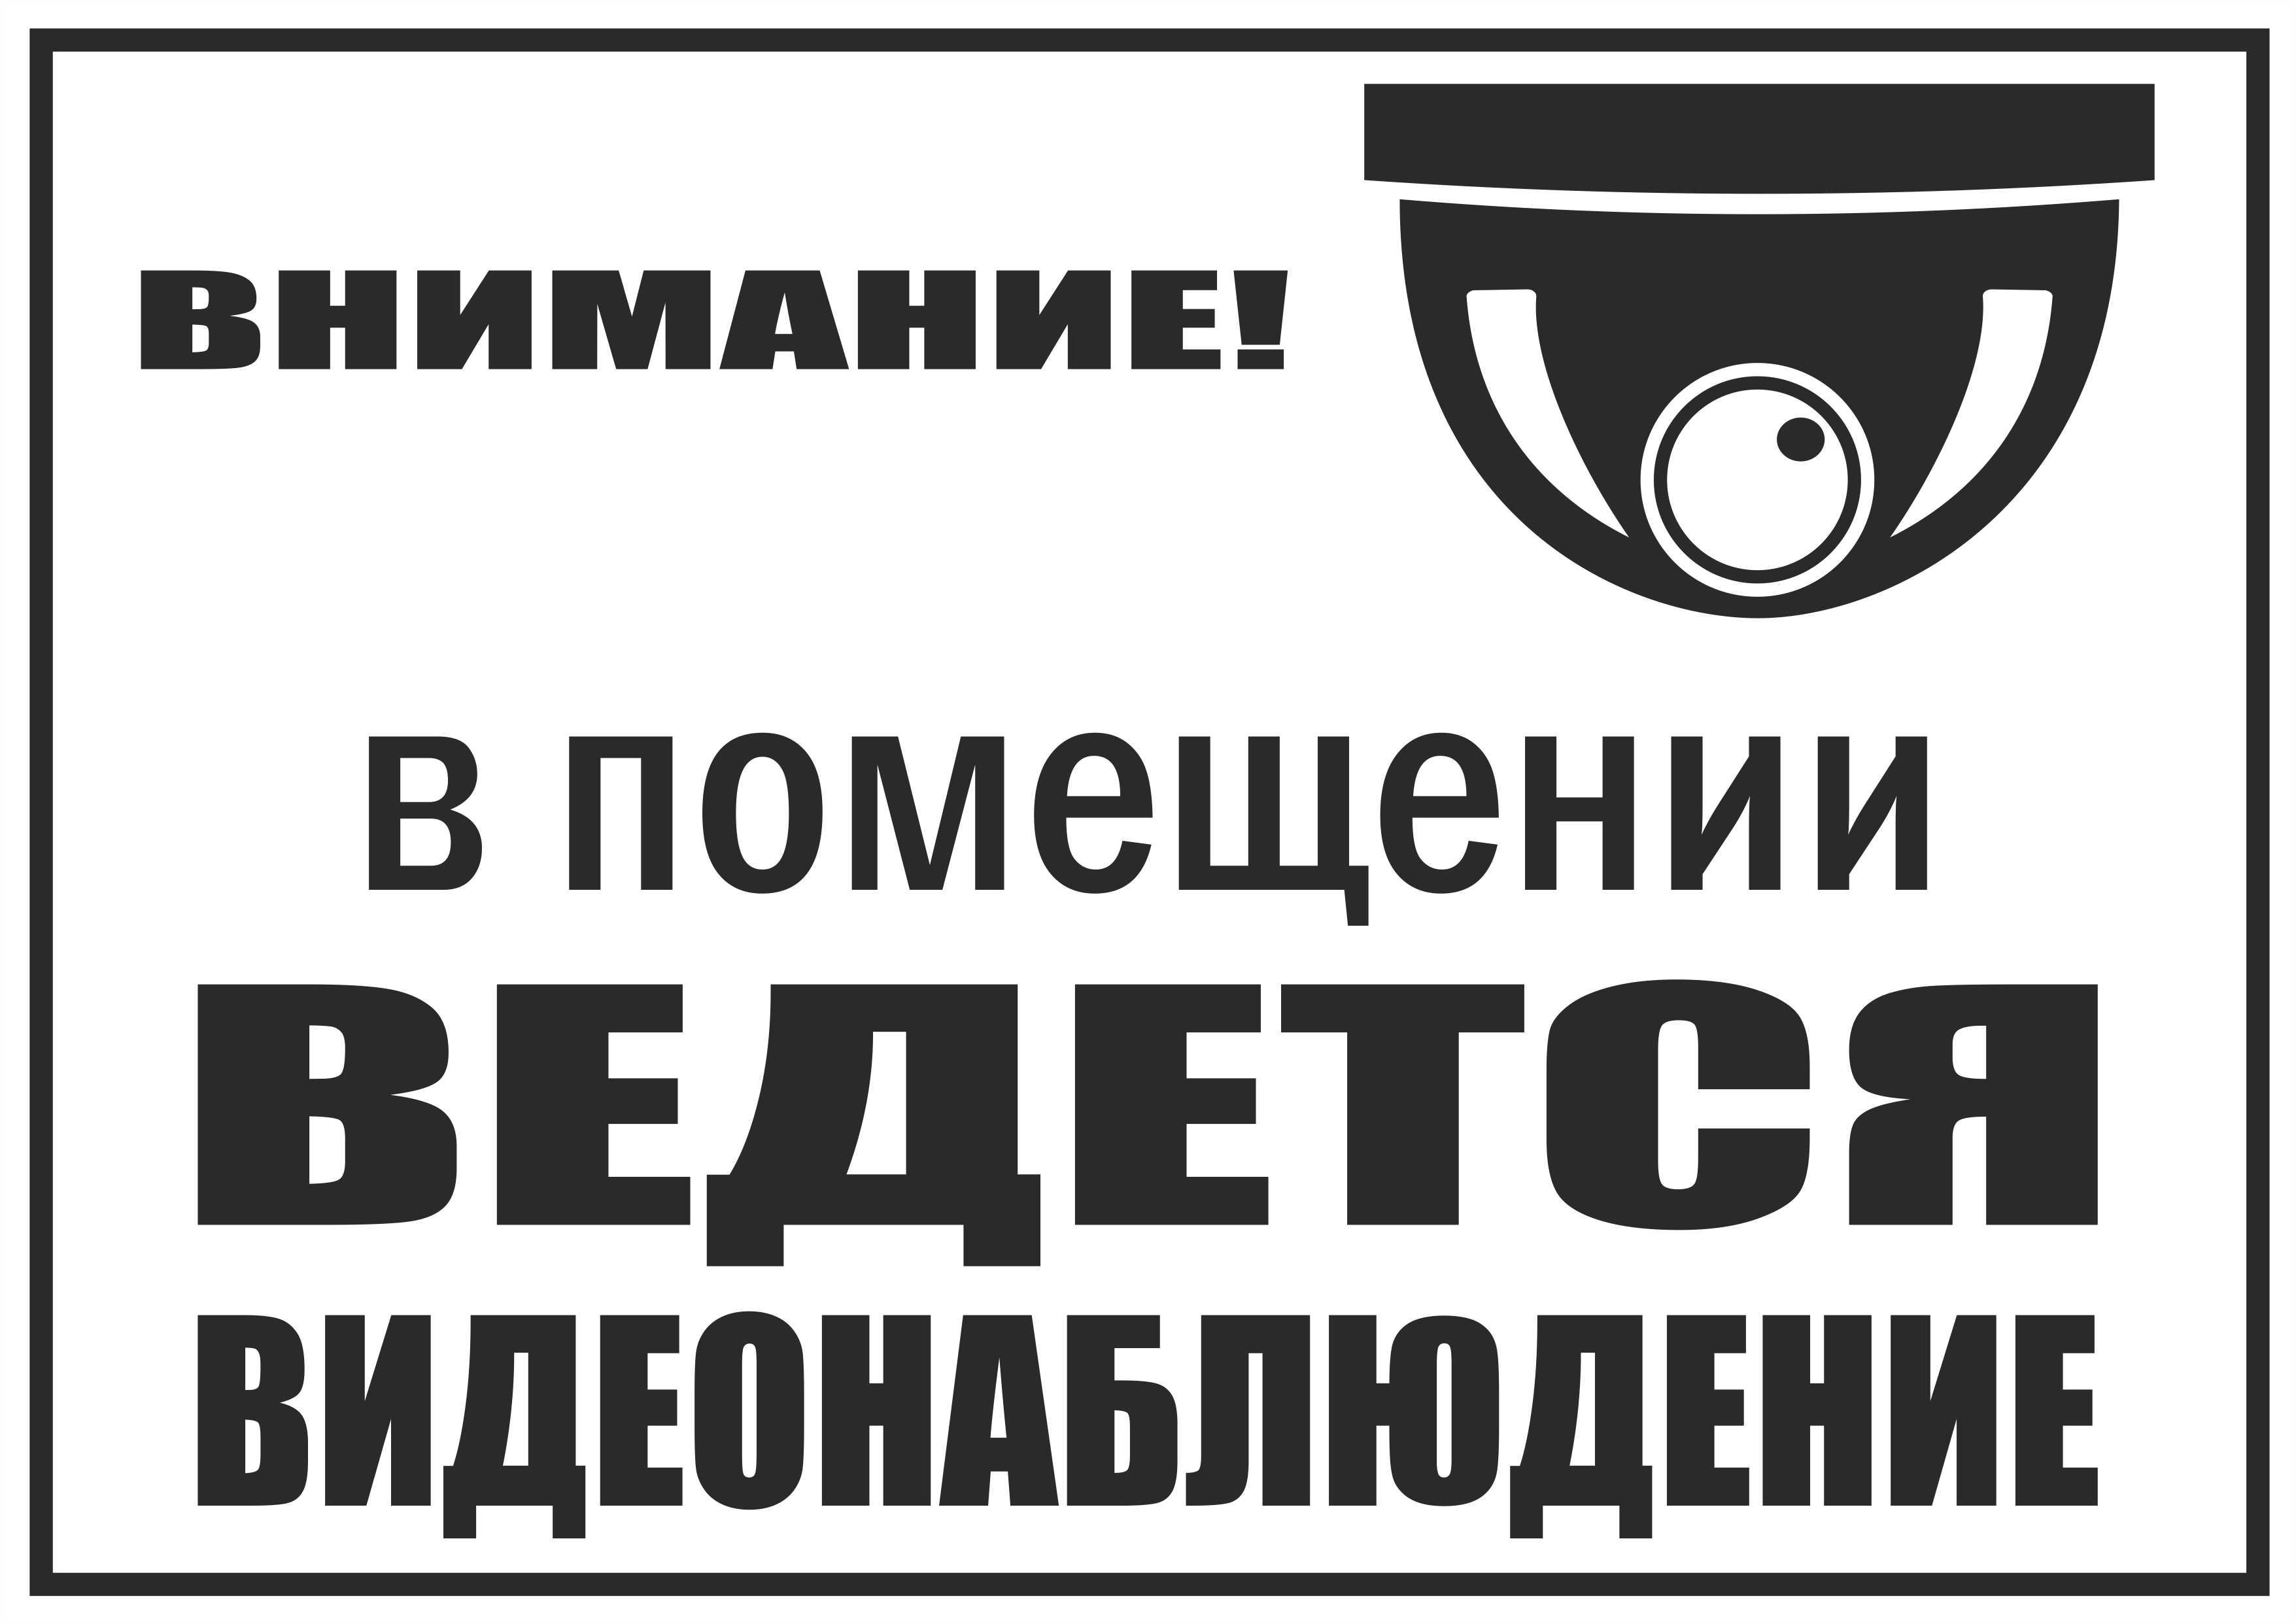 Подборка табличек для размещения в местах установки камер видеонаблюдения